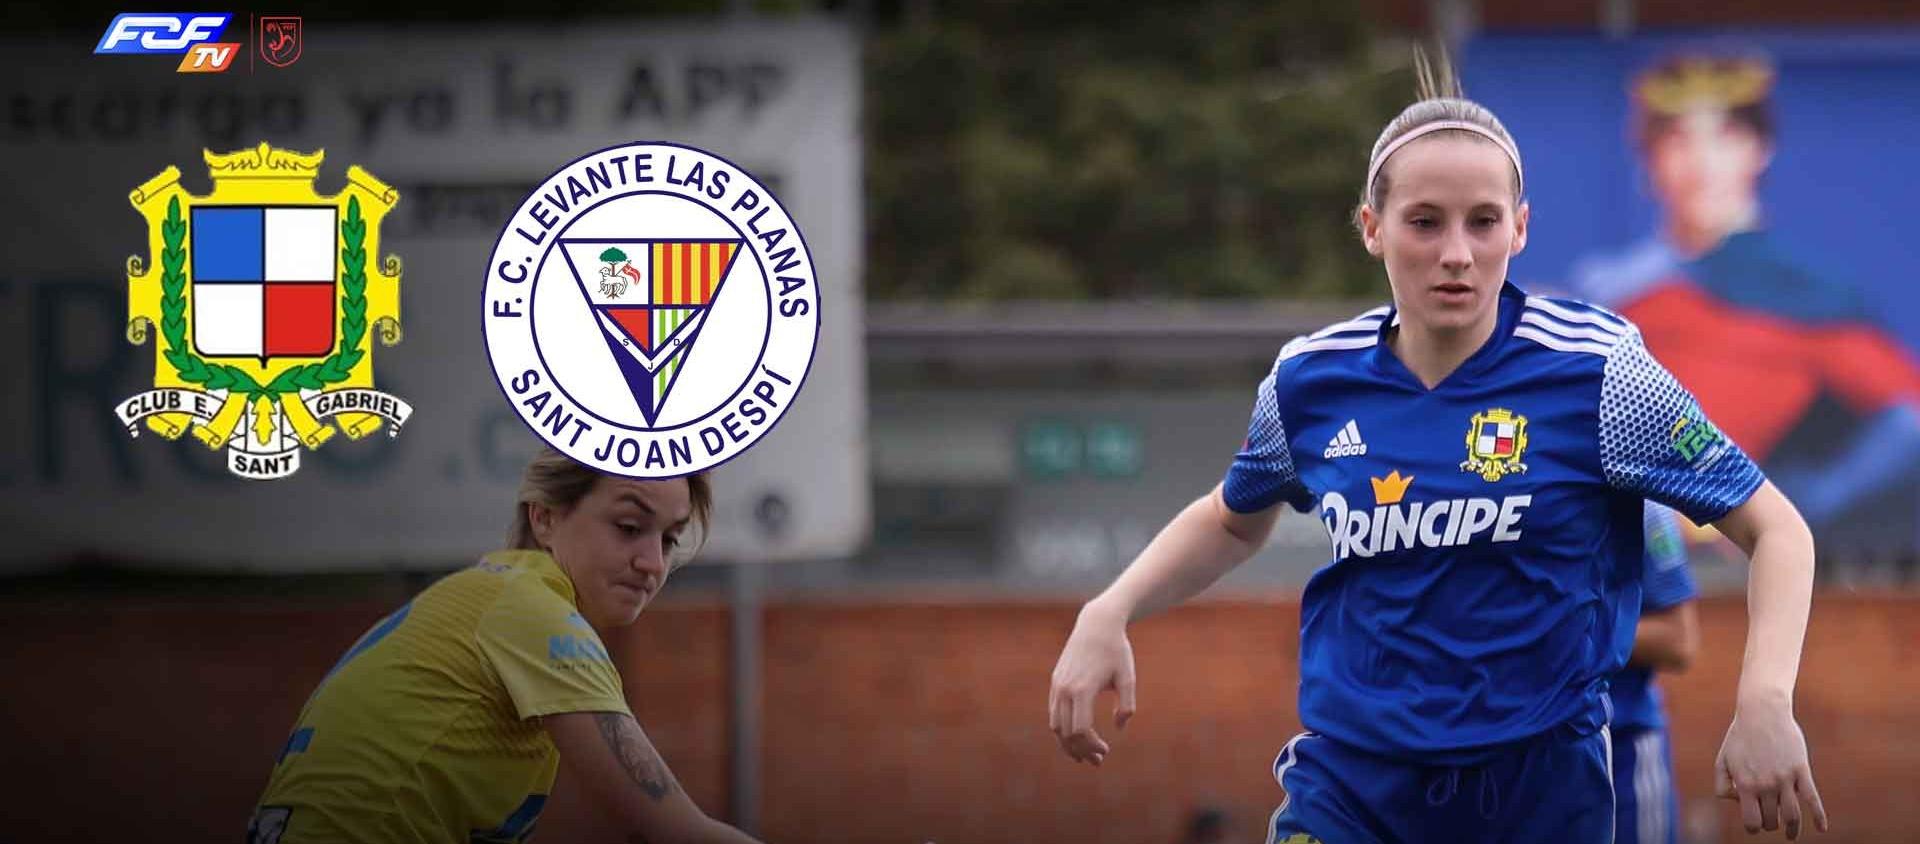 La lluita per l'ascens entre el CE Sant Gabriel i el FC Levante Las Planas, a l'FCF TV